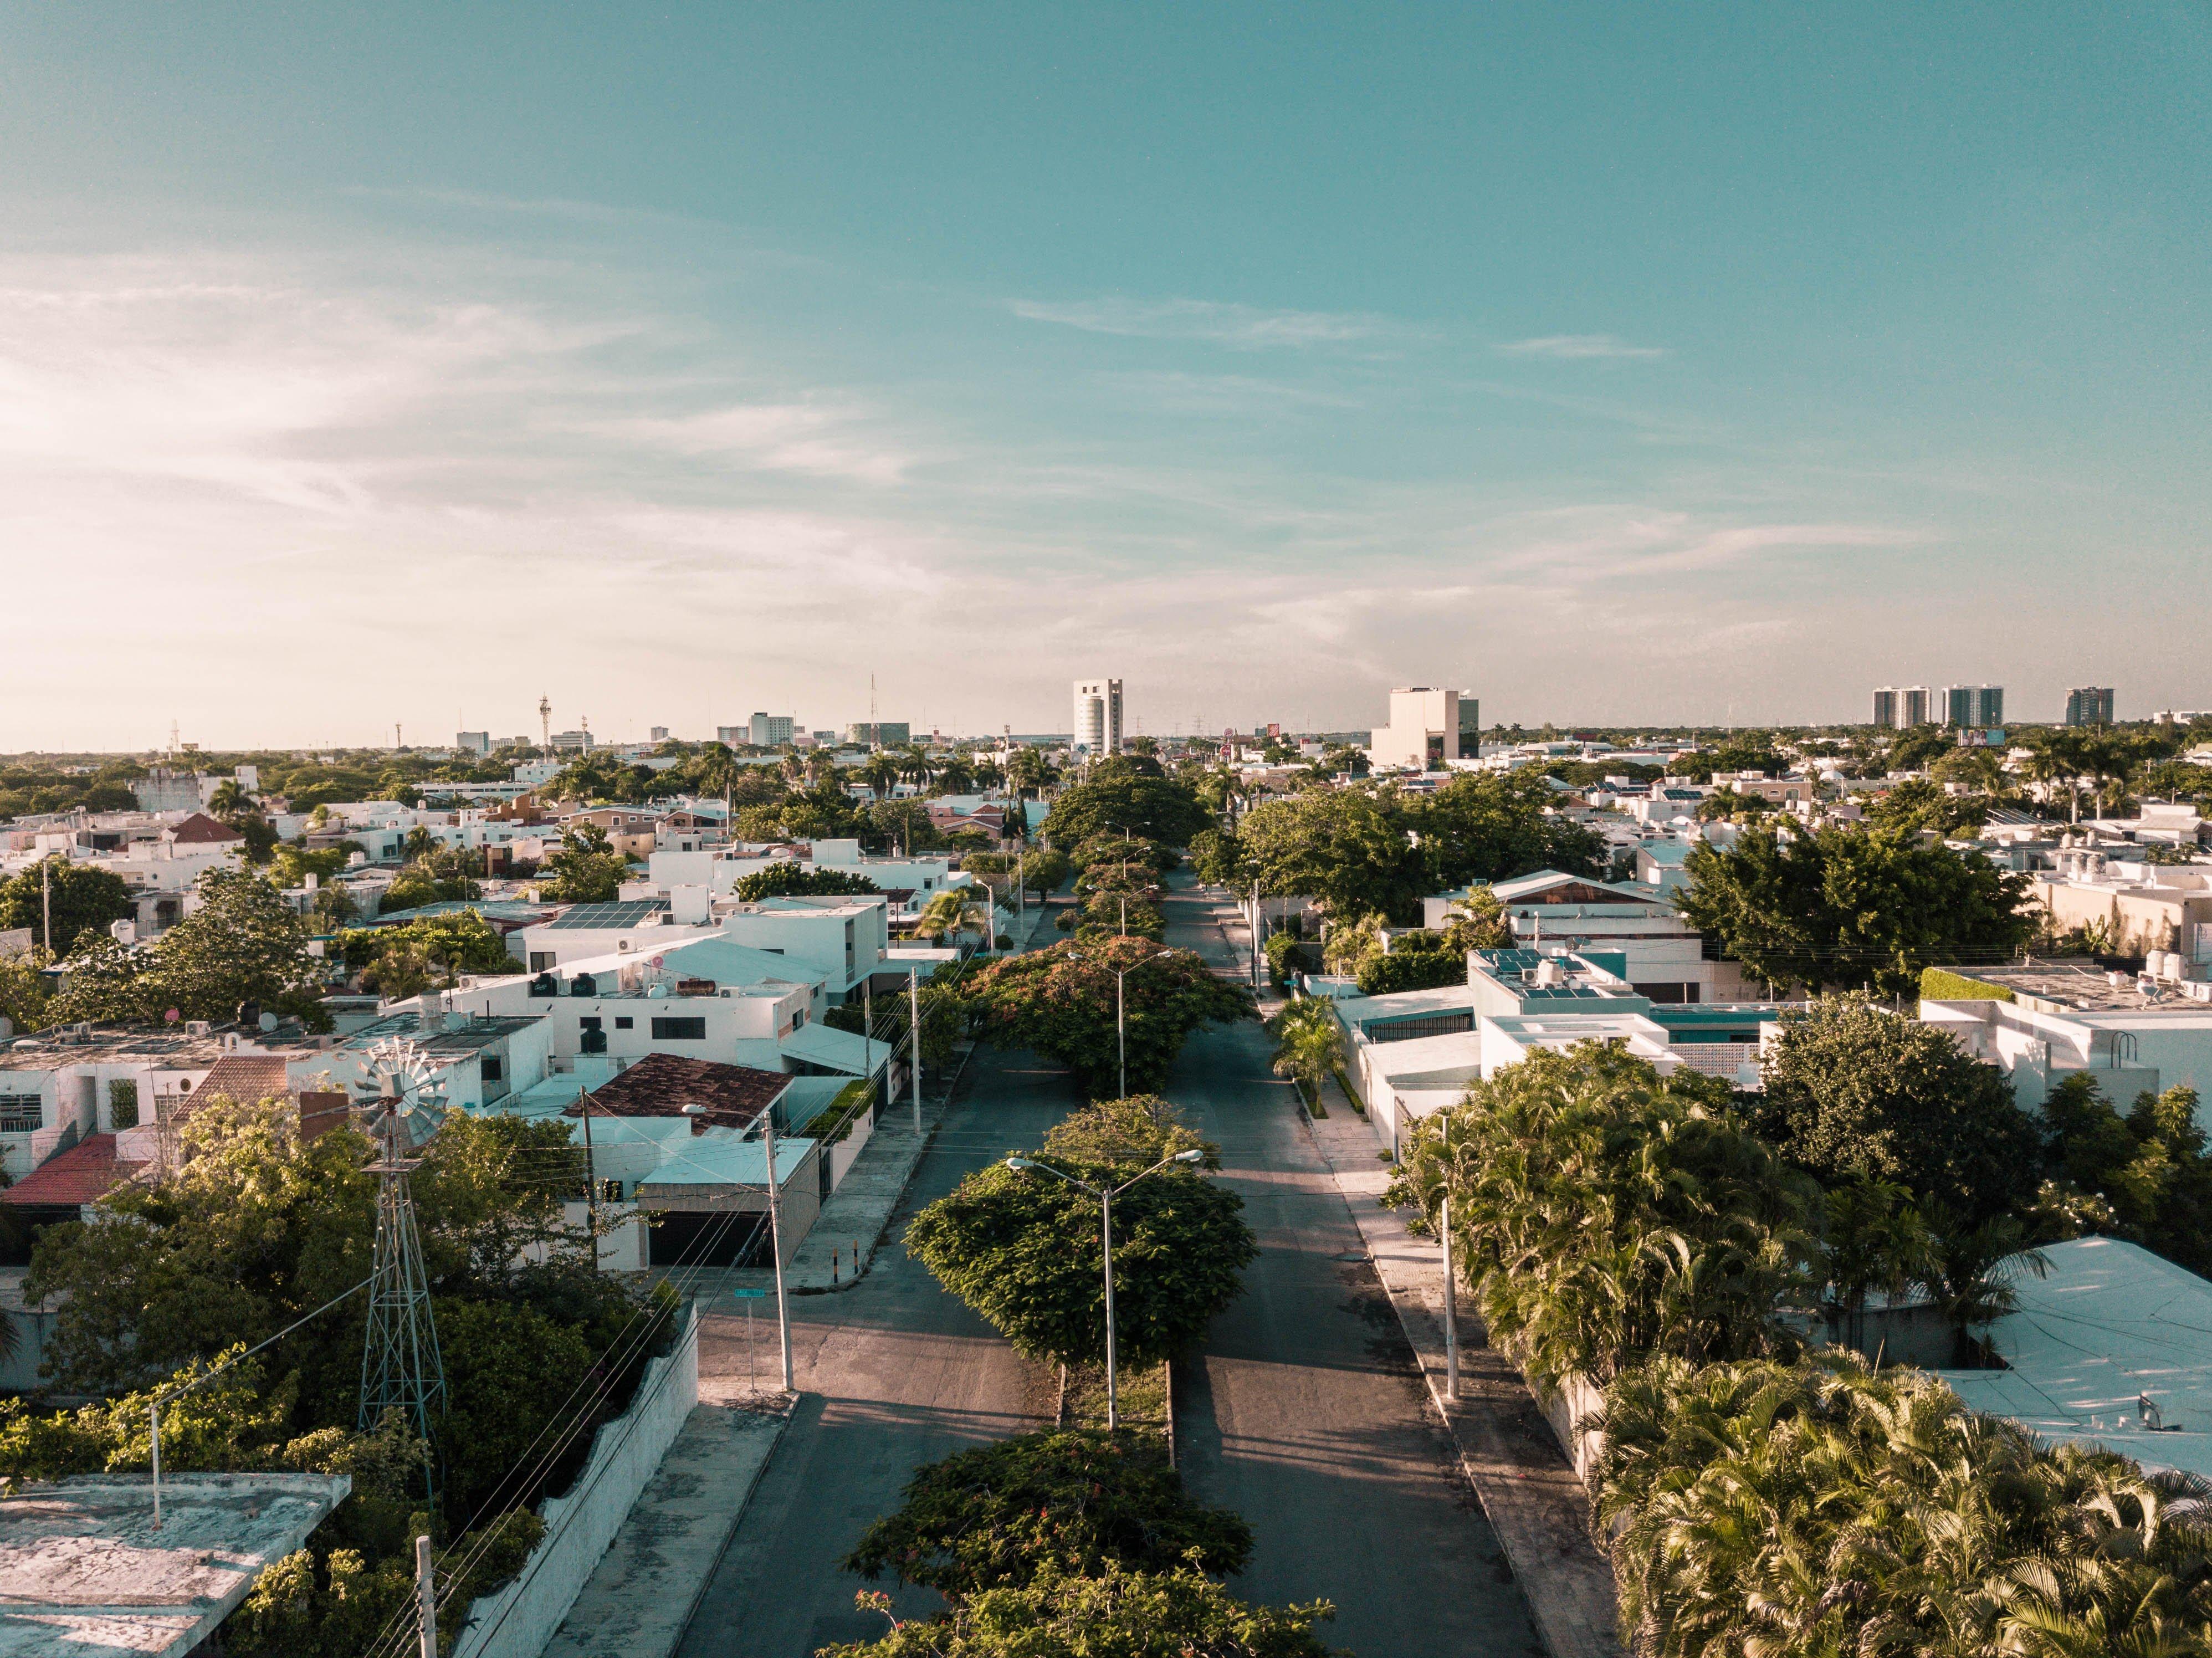 villas-del-sol-colonias-merida